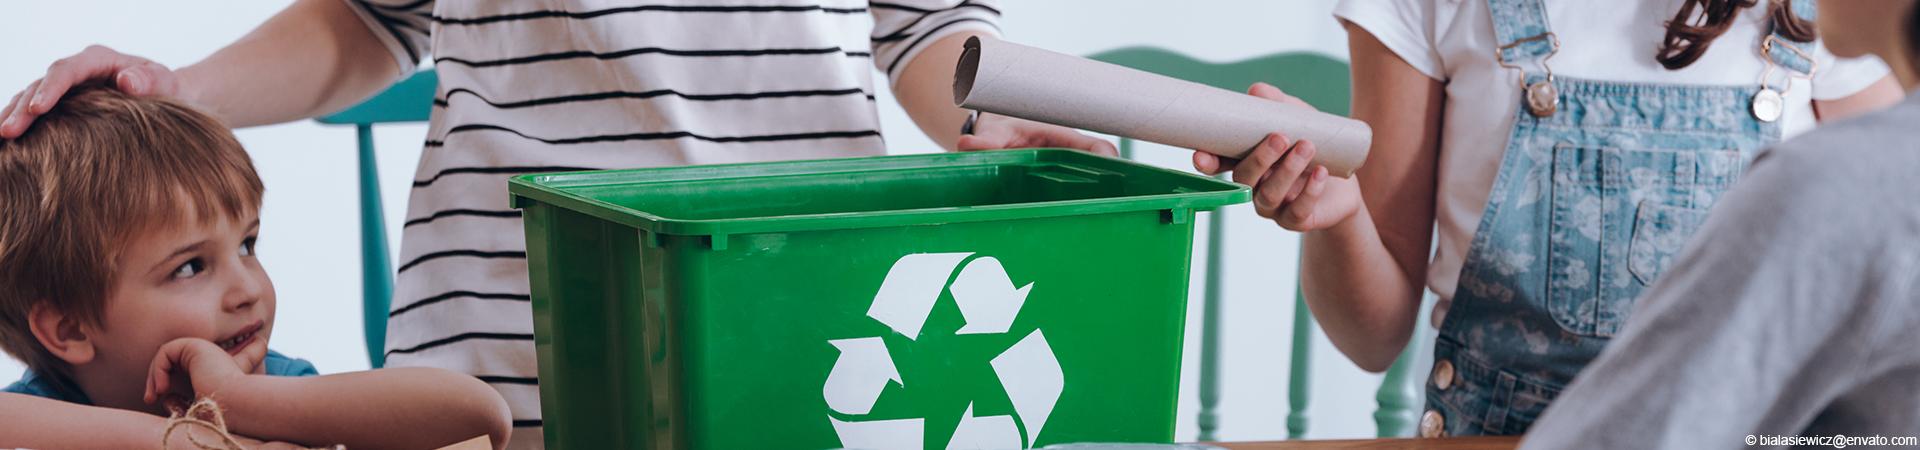 Wohnungsgenossenschaft Einheit Calbe eG - Müll trennen 2